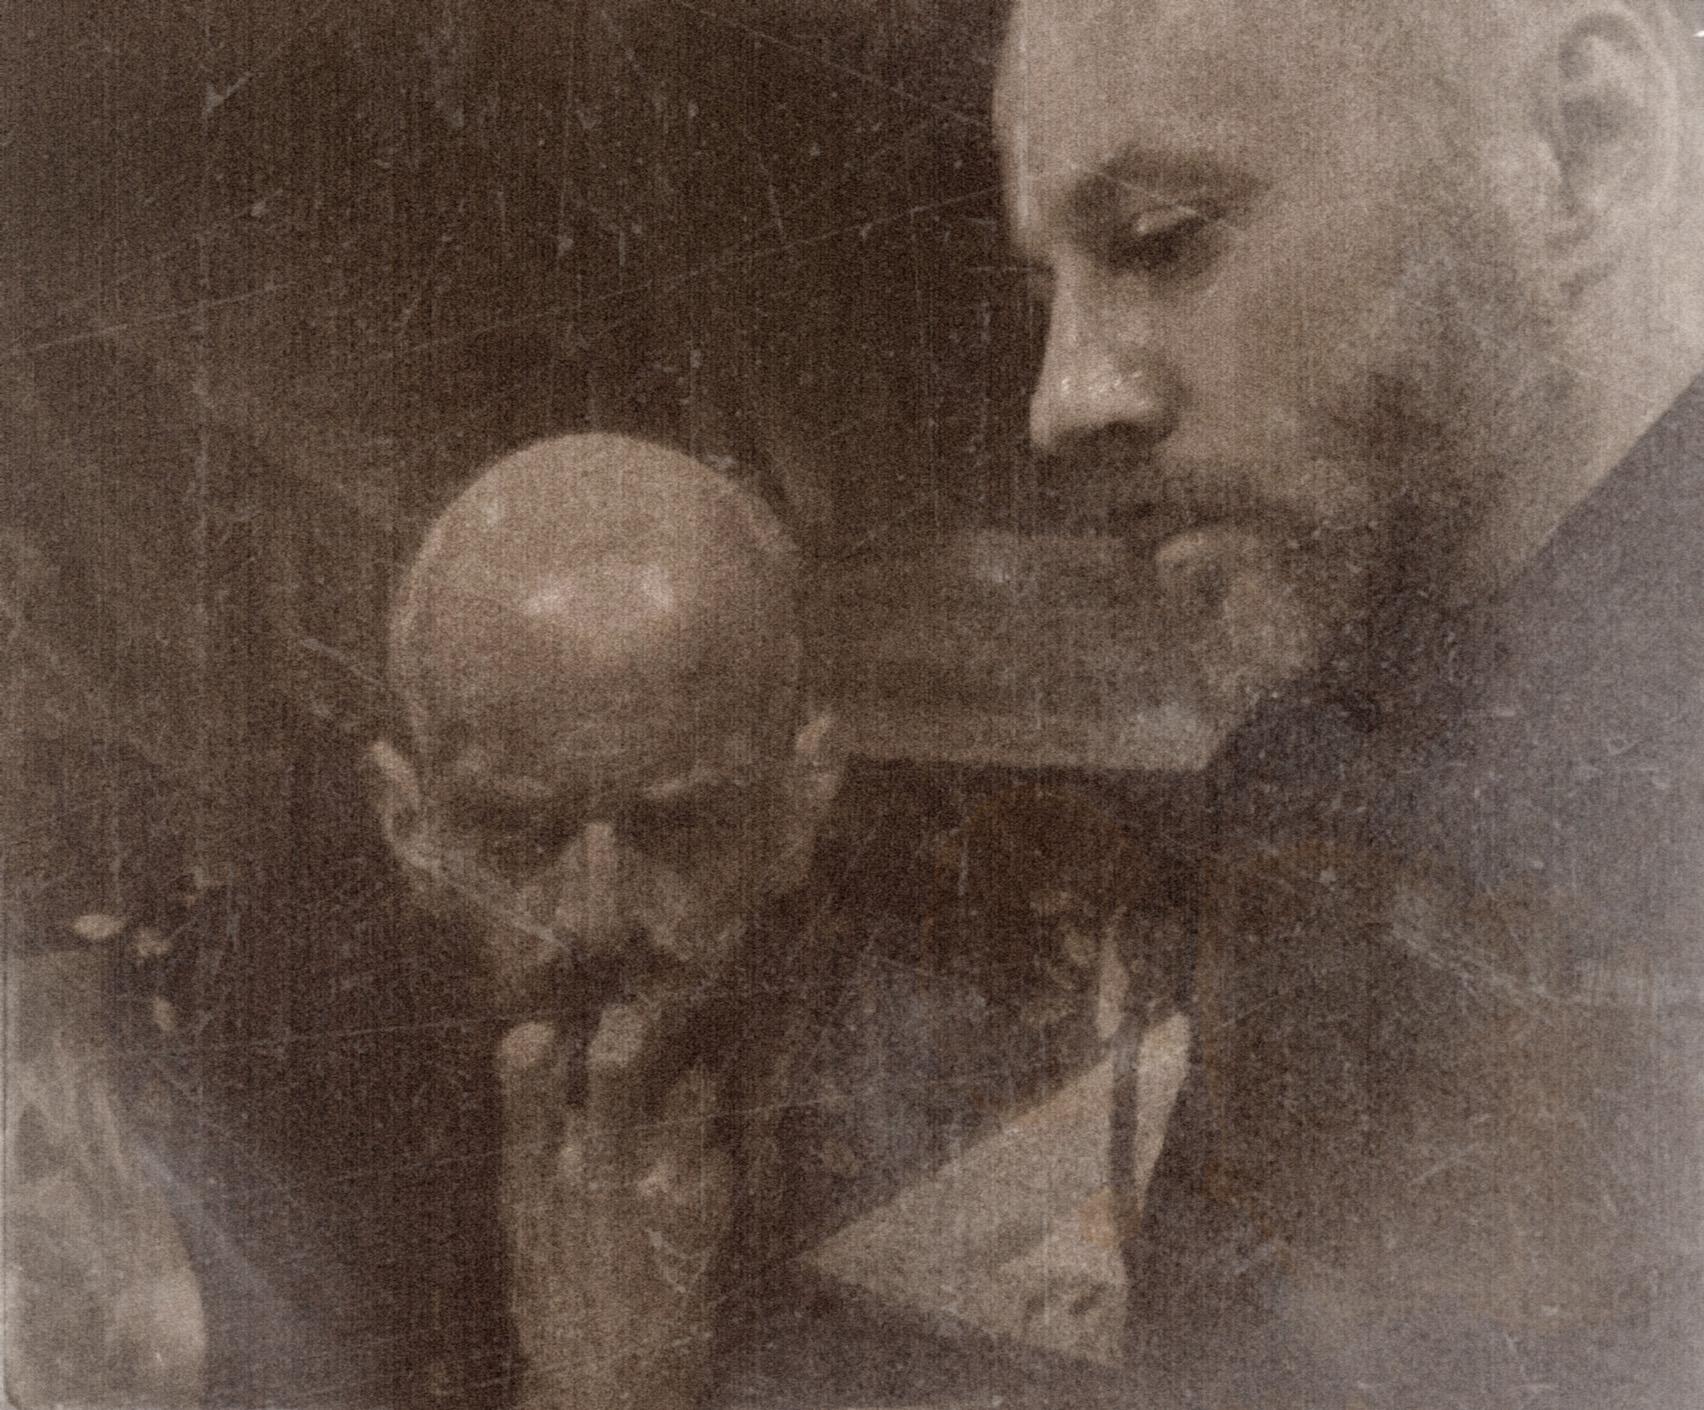 """Bartek Jarmoliński, fotografia z wystawy """"Uwarunkowania genetyczne"""" (źródło: materiały prasowe organizatora)"""